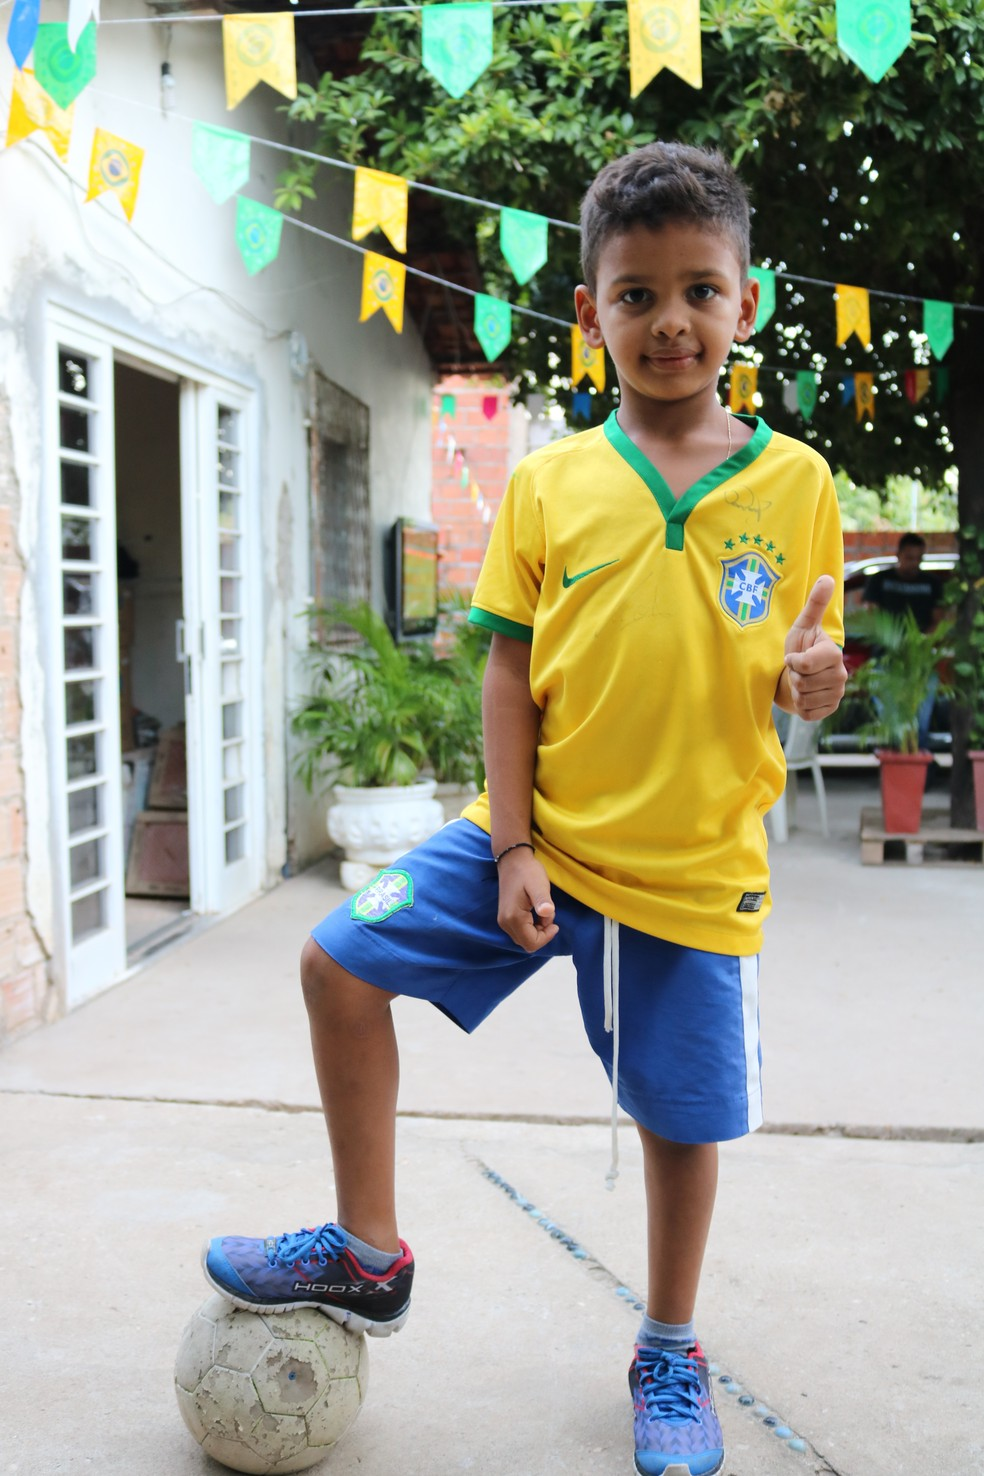 O sósia mirim mostrou que não é só parecido fisicamente, mas na habilidade também (Foto: Foto: José Marcelo/G1)